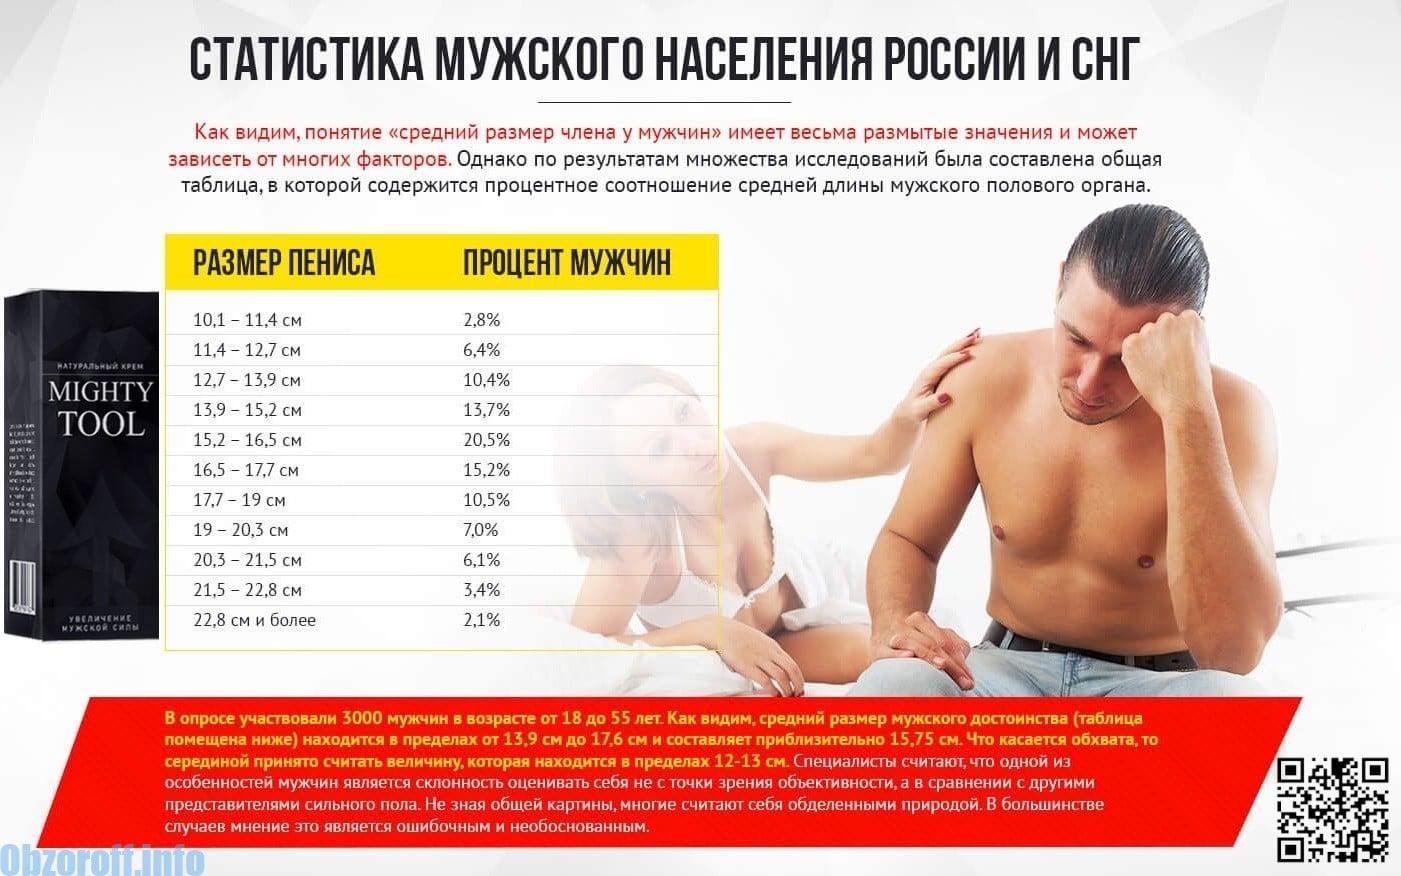 Vásárlás: Penis Plus 7 30x Potencianövelő árak összehasonlítása, Penis Plus 7 30 x boltok